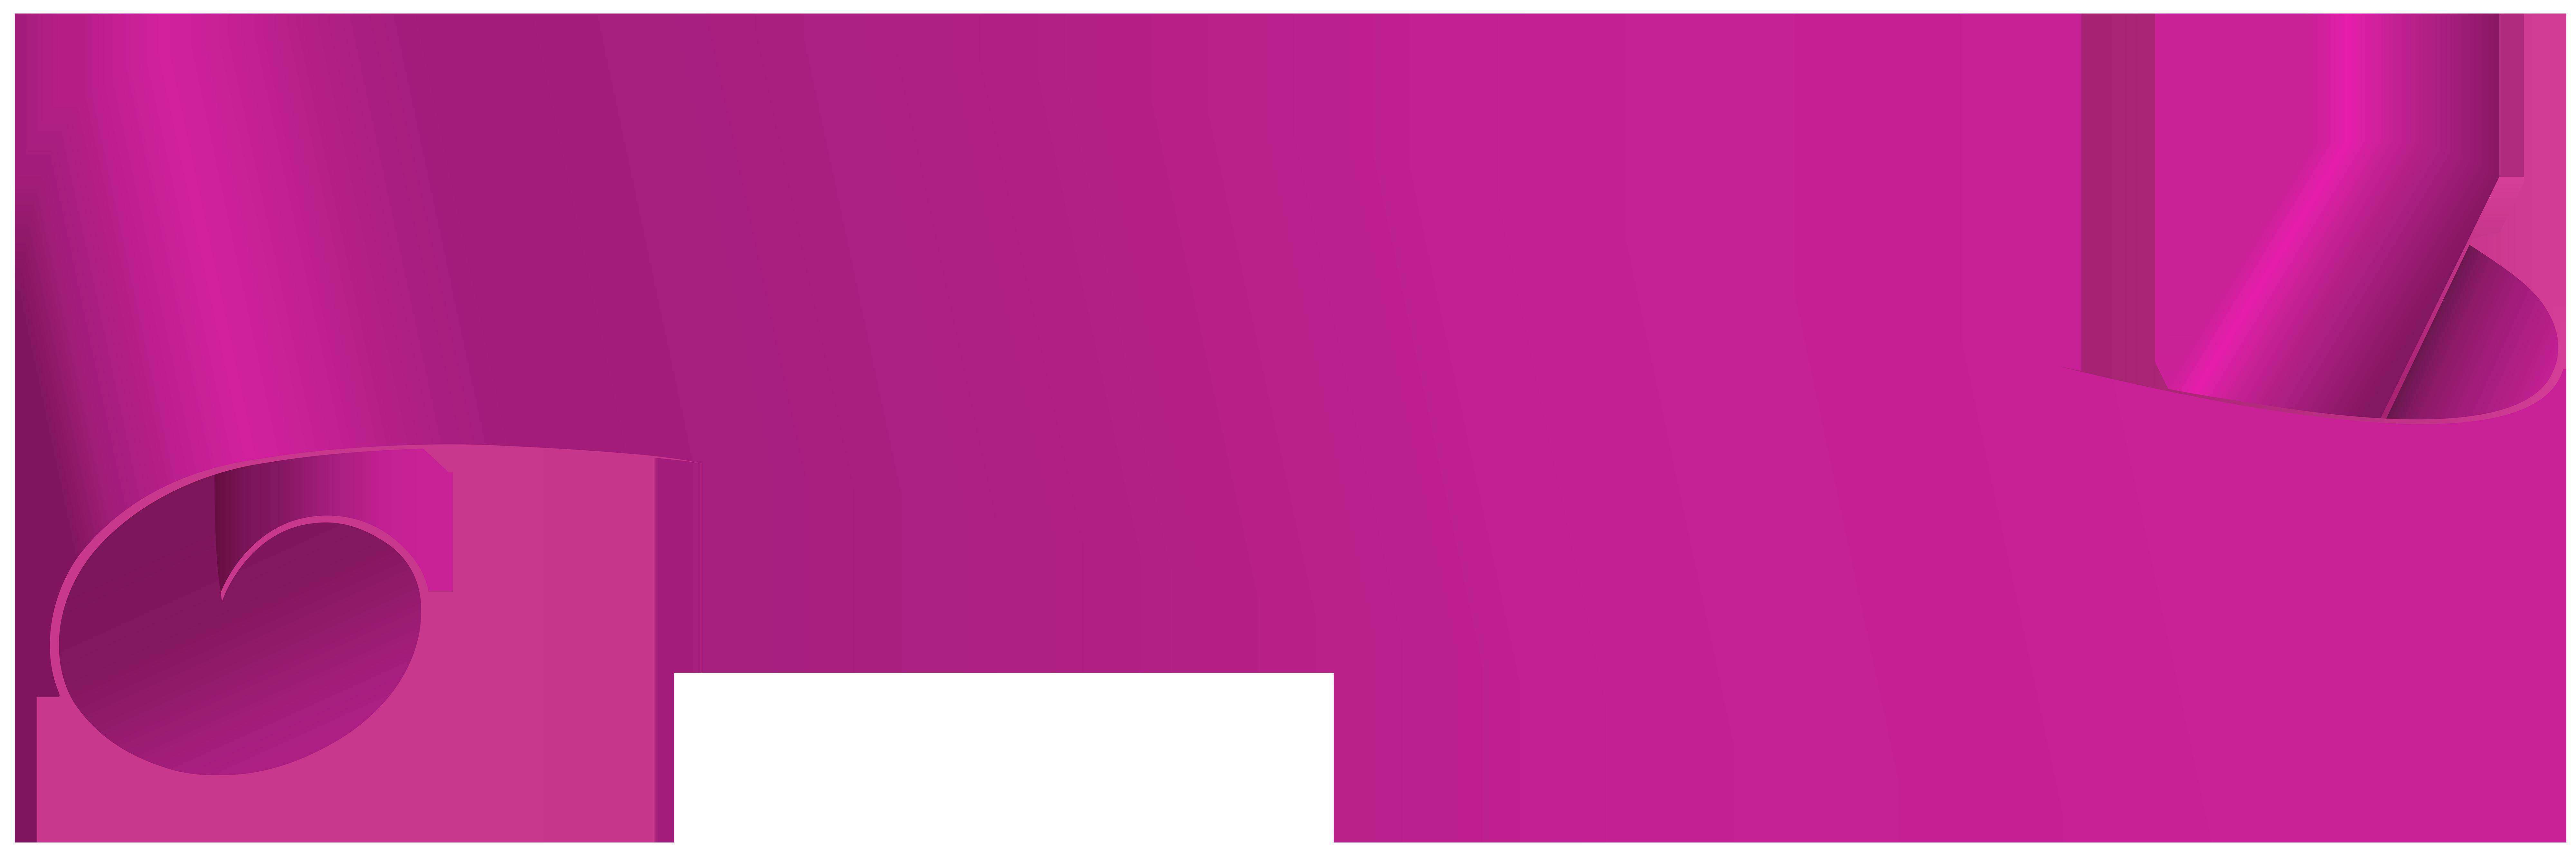 Pink Banner Transparent Clip Art PNG Image.